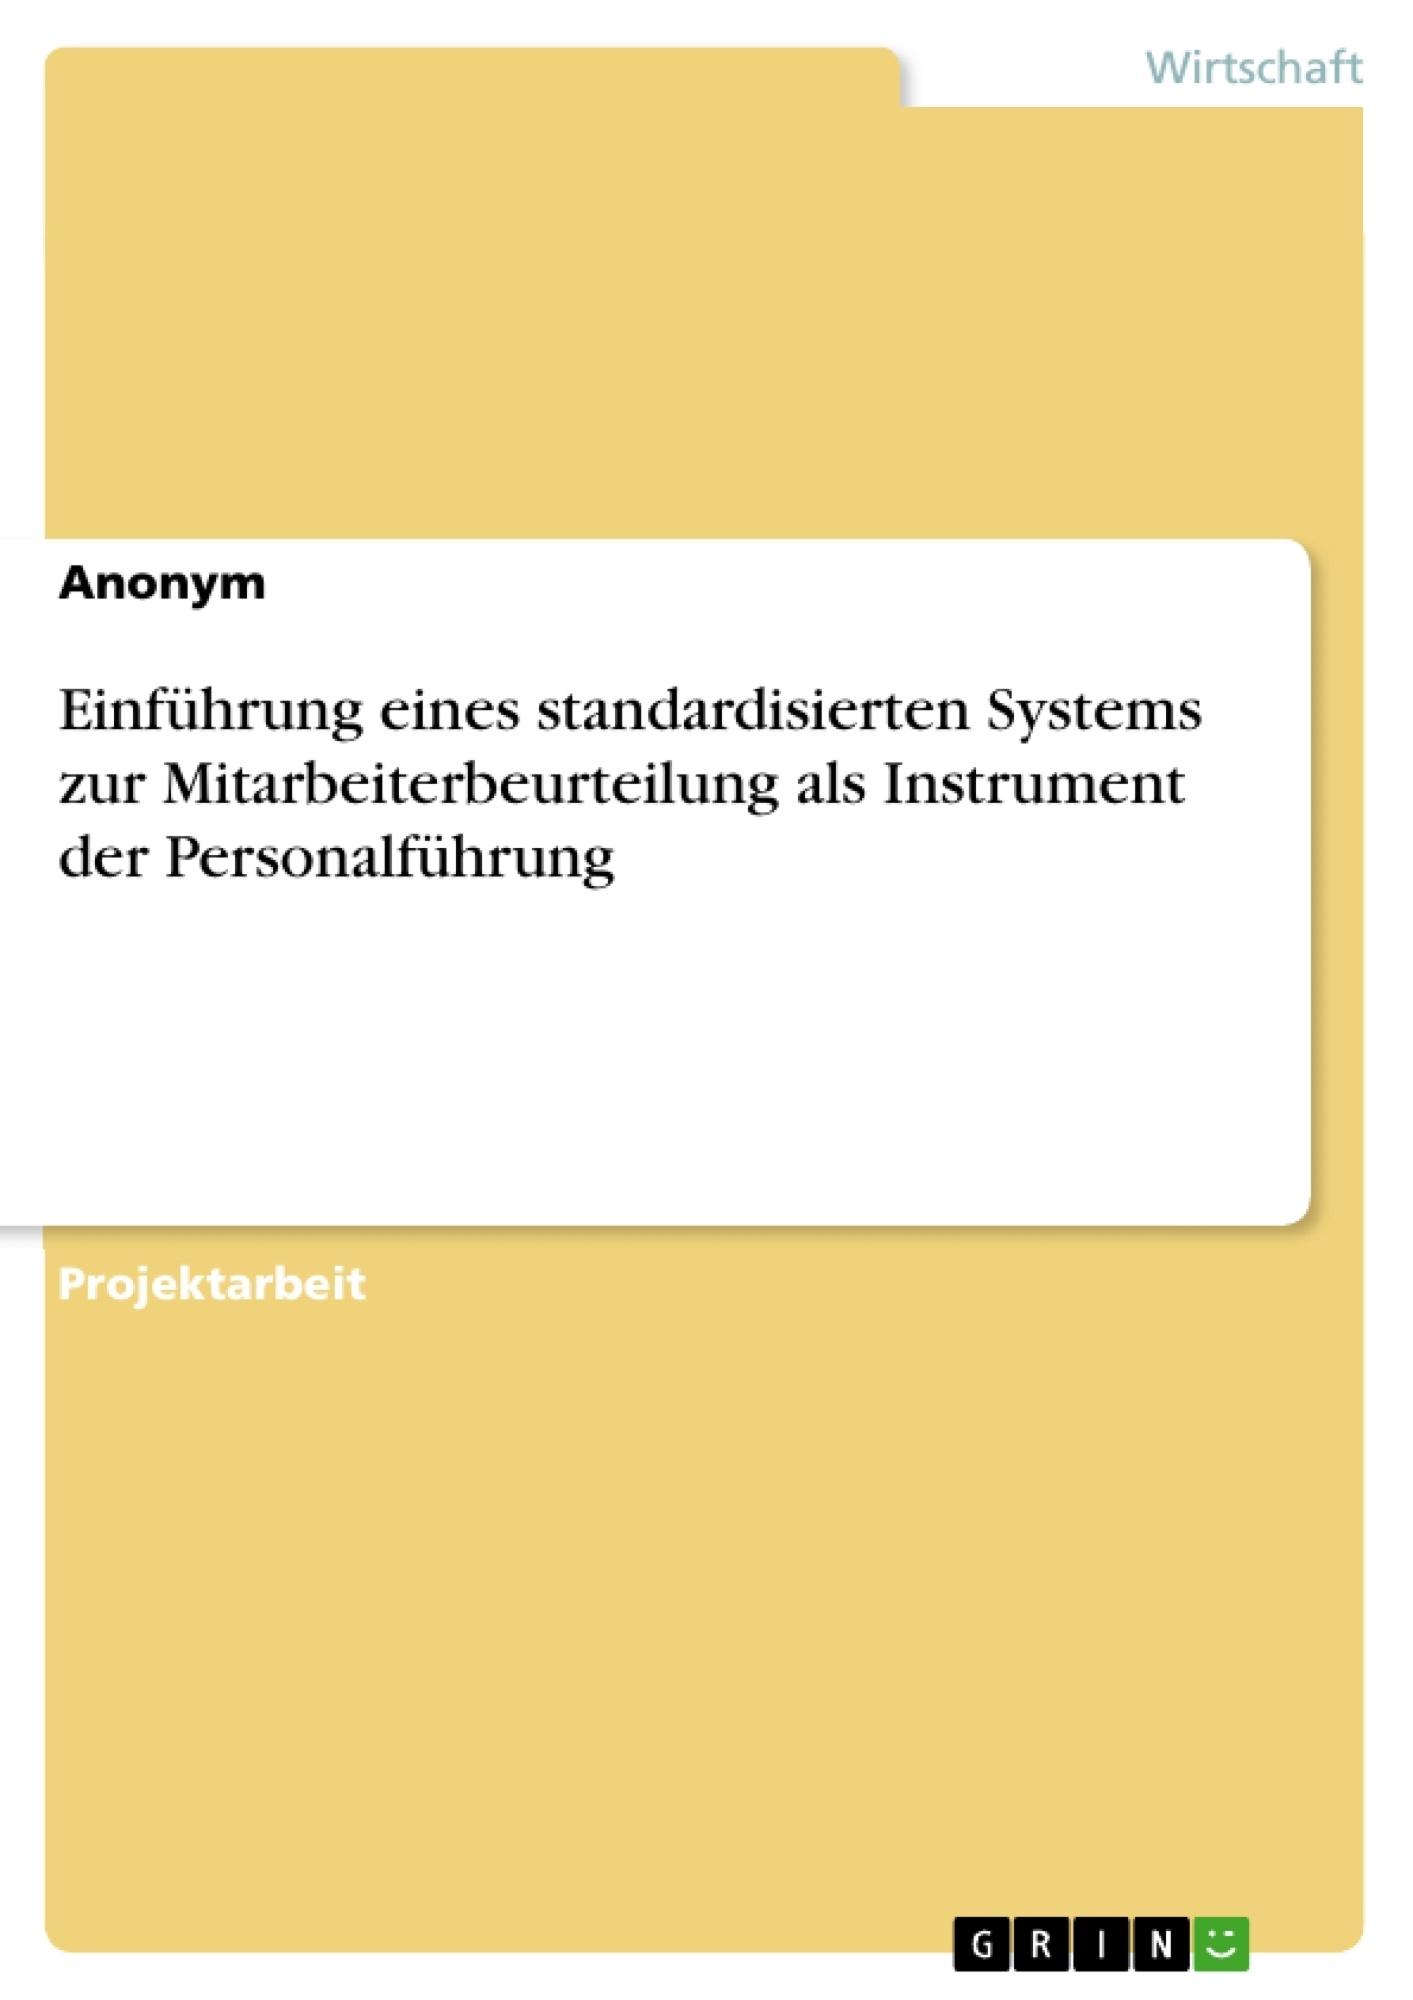 Titel: Einführung eines standardisierten Systems zur Mitarbeiterbeurteilung als Instrument der Personalführung